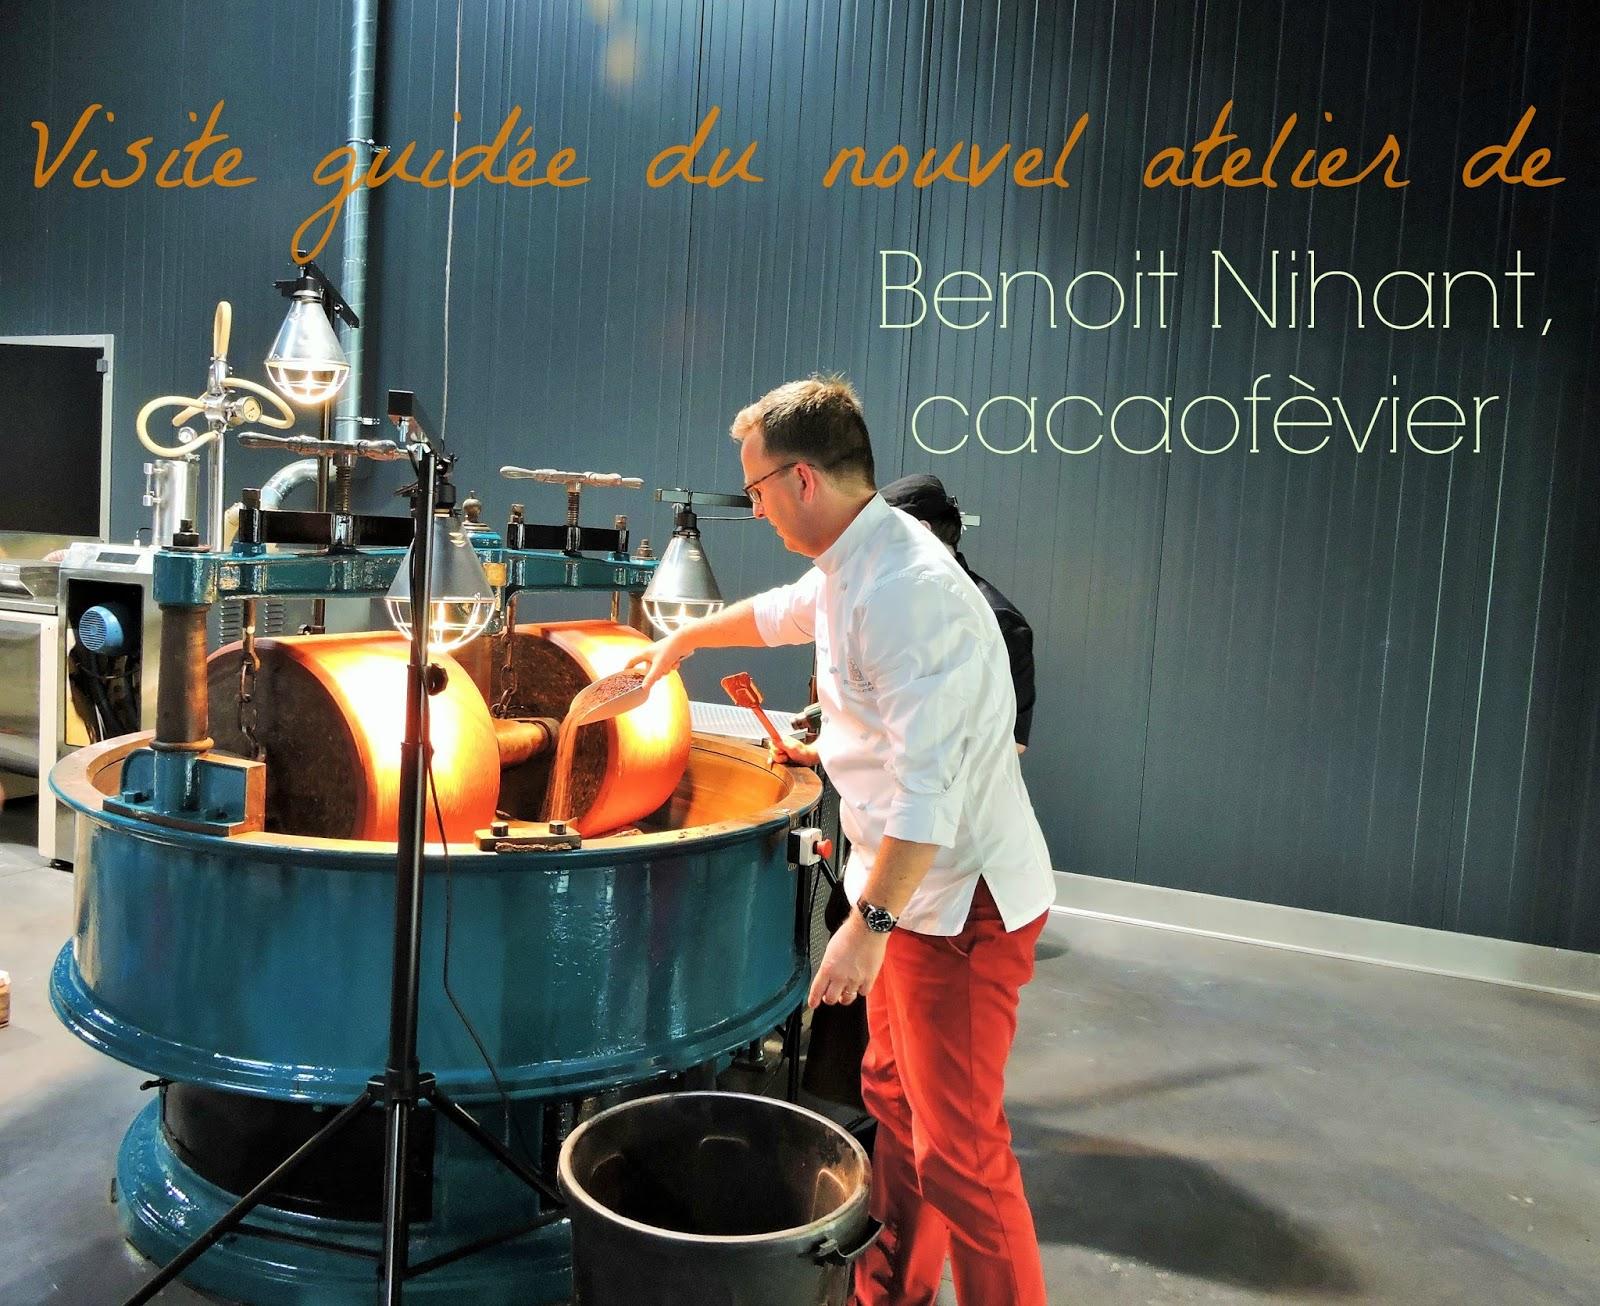 Vendredi dernier, j ai eu la grande chance d être invitée à venir découvrir  le nouvel atelier du chocolatier Benoit Nihant. 6c50e670fd7